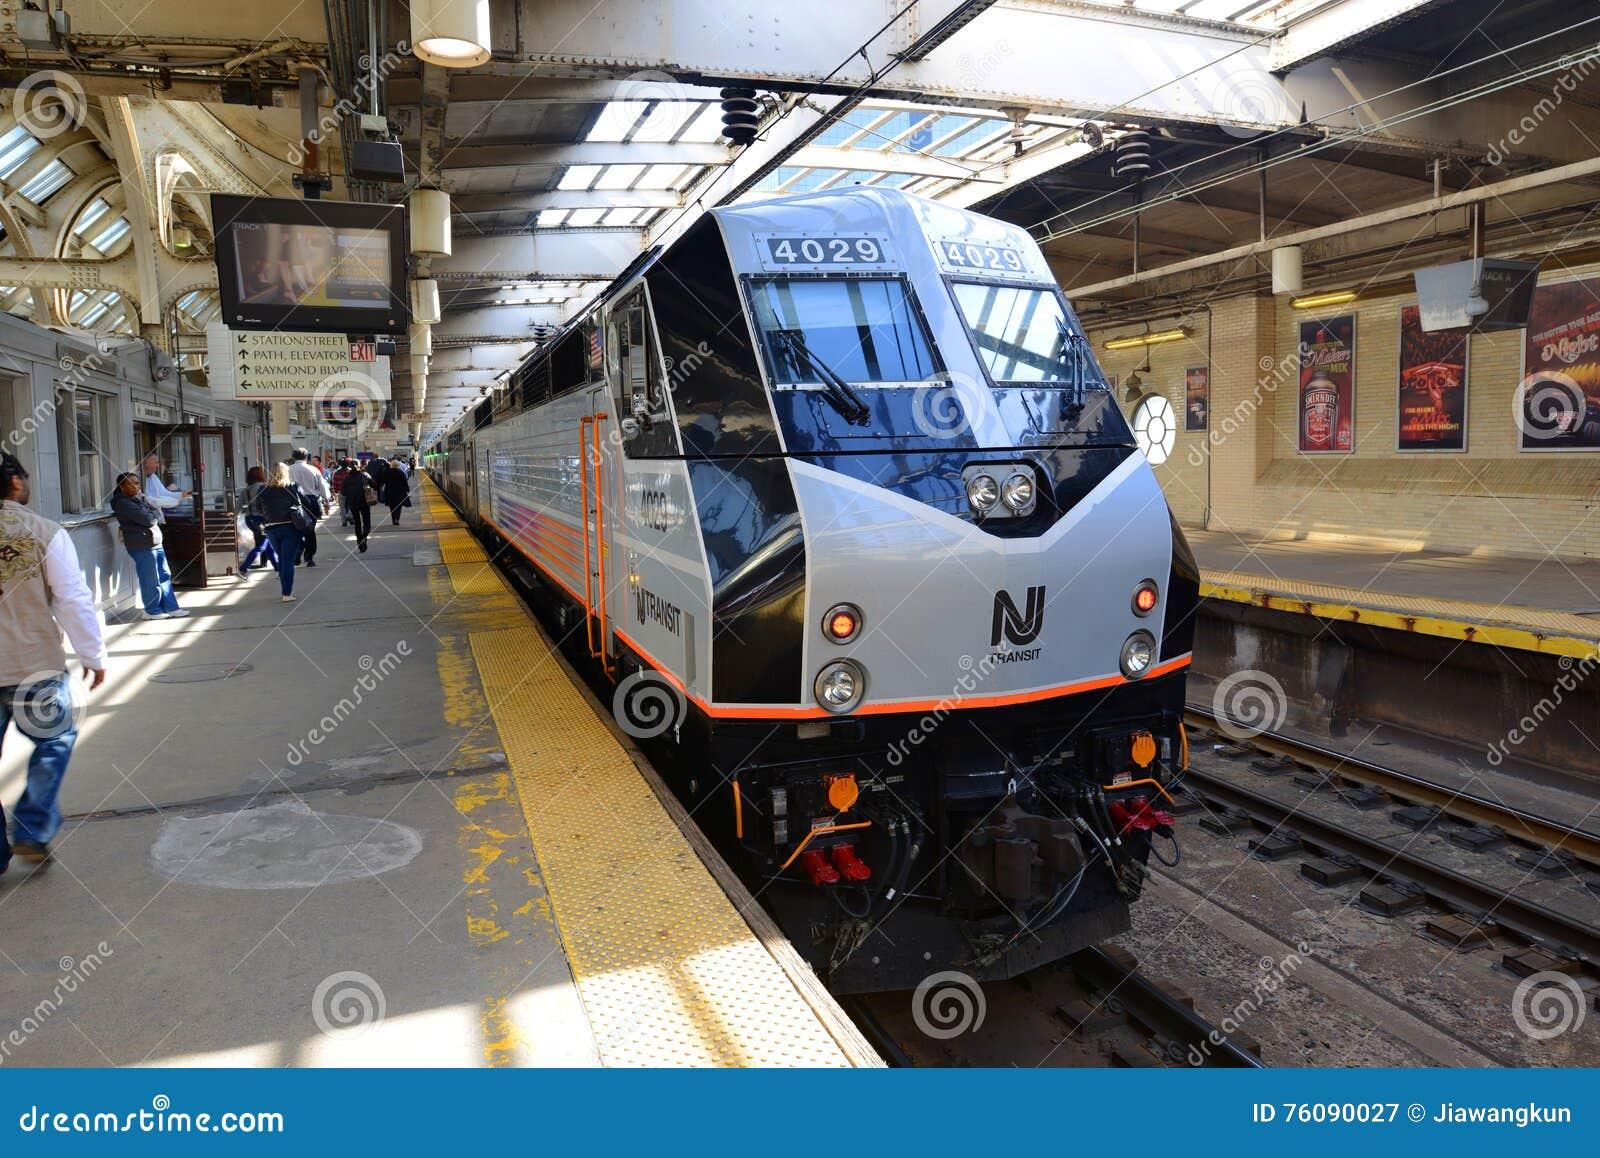 Locomotive de transit de NJ à la station de Newark, New Jersey